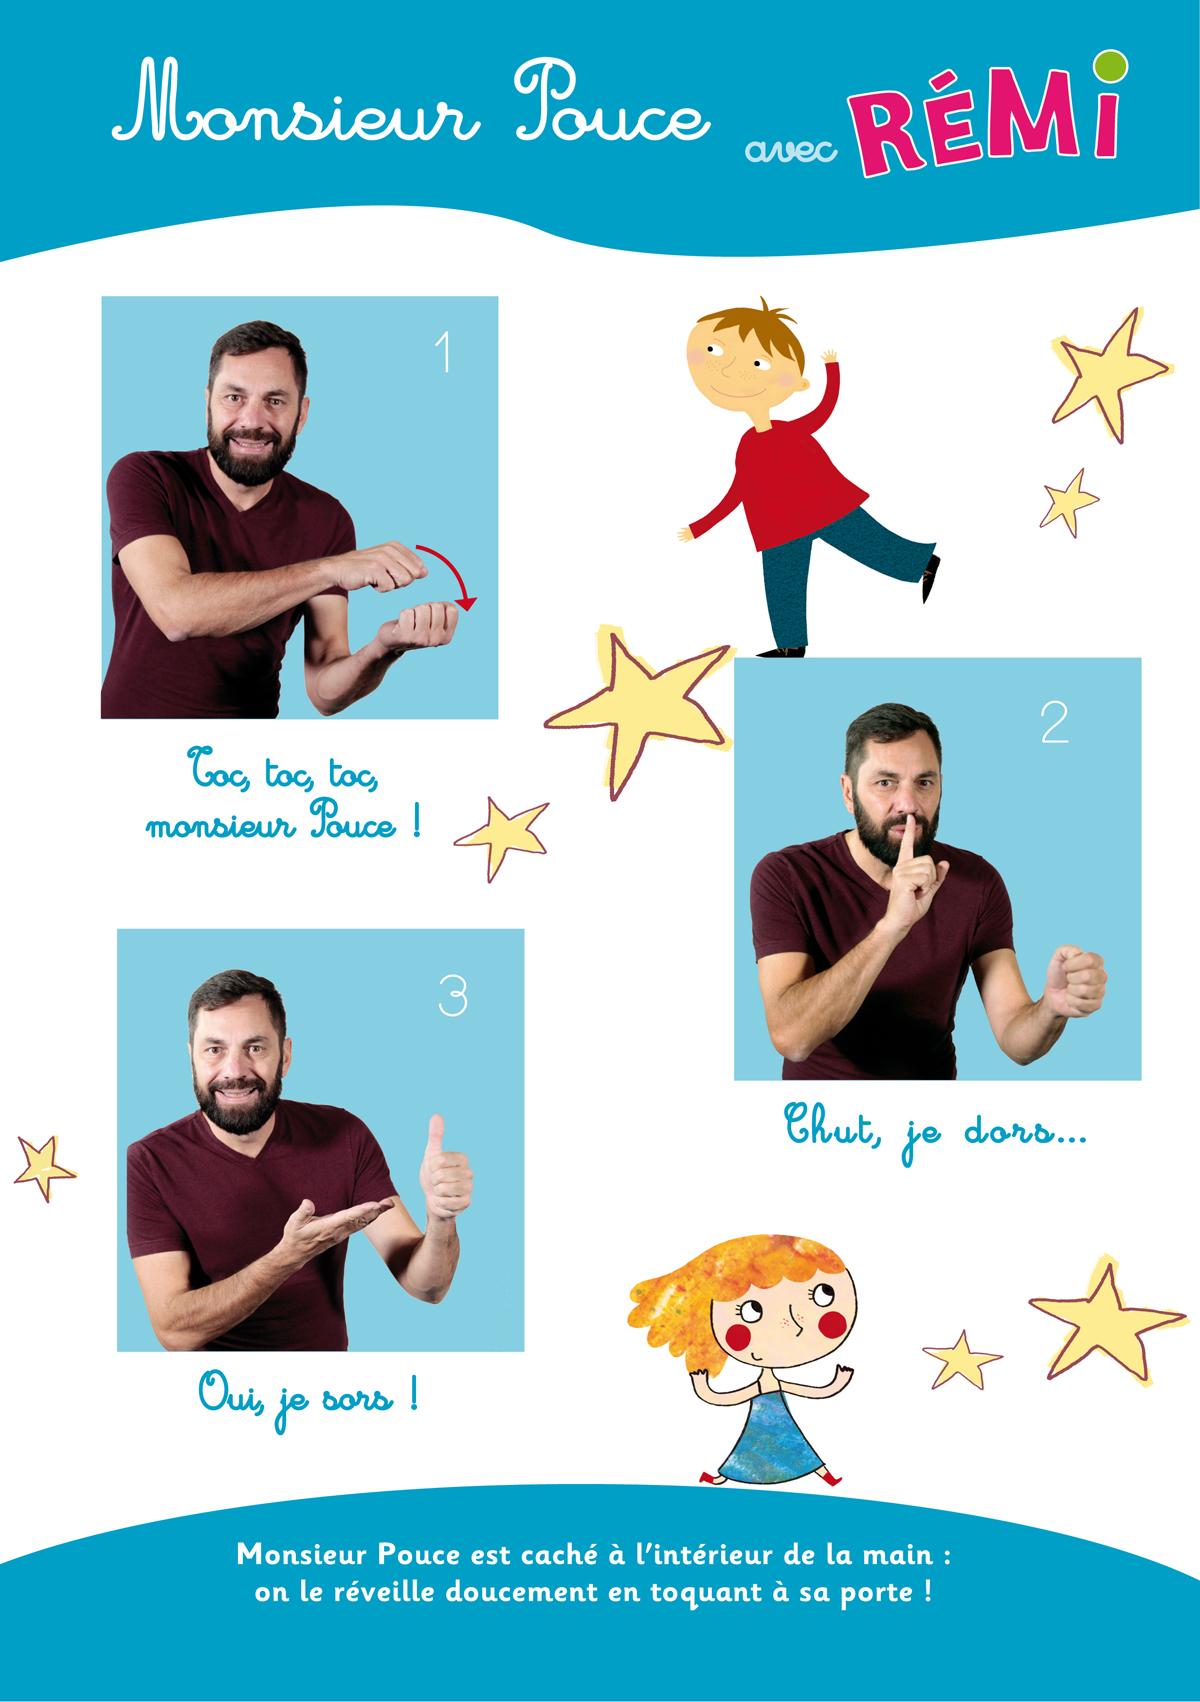 Monsieur Pouce toc toc comptine geste